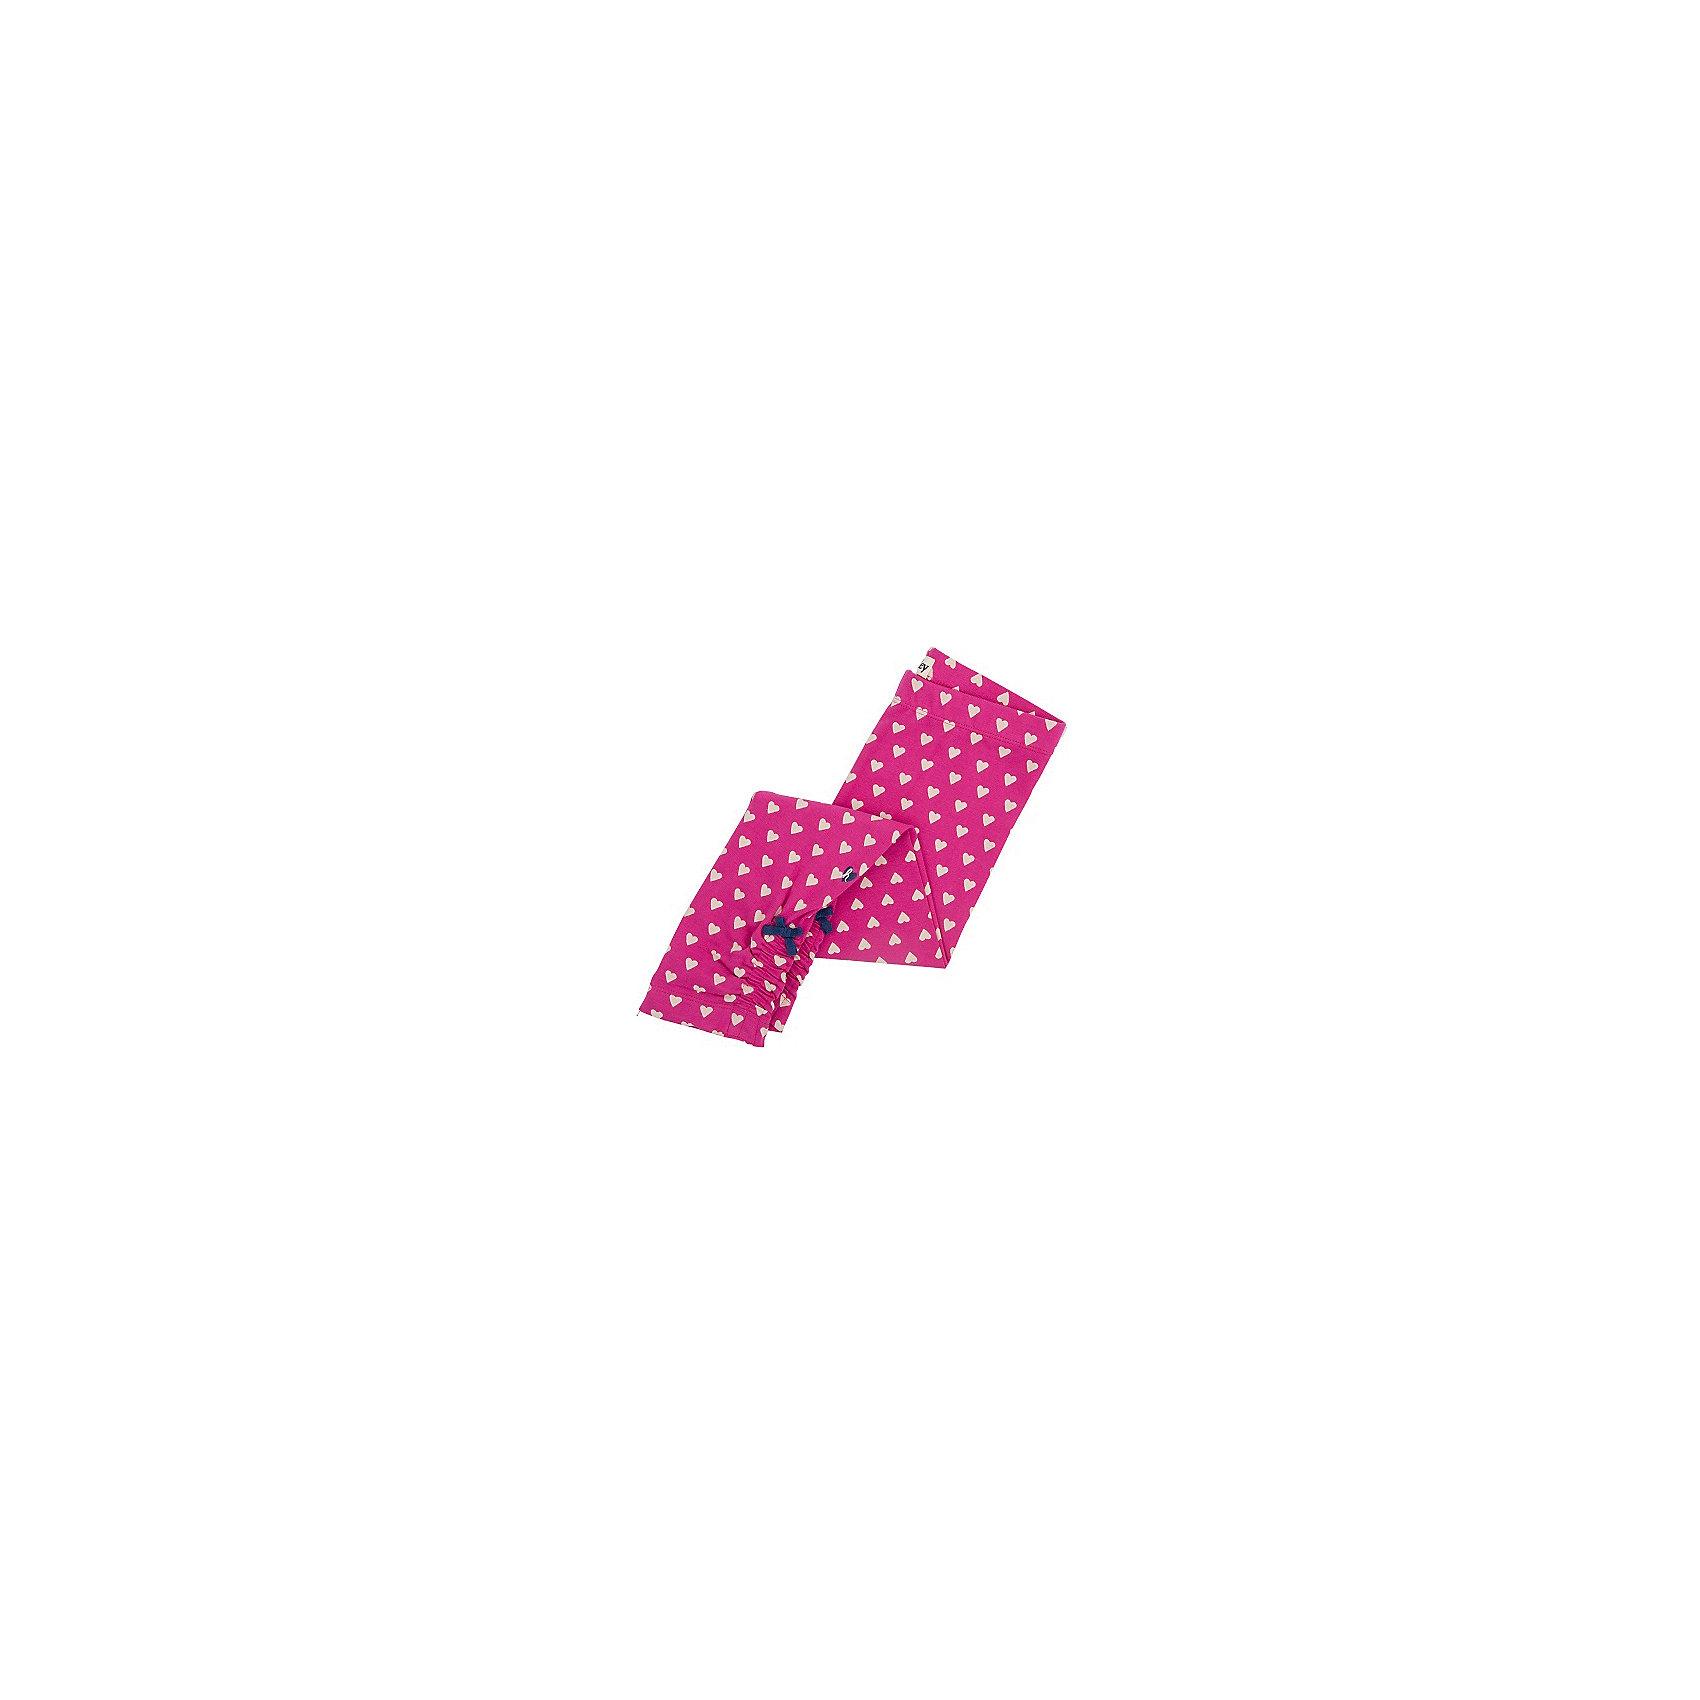 Леггинсы для девочки HatleyЛеггинсы<br>Леггинсы для девочки Hatley<br><br>Характеристики:<br><br>• Цвет: розовый<br>• Материал: 92% хлопок, 8% спандекс<br><br>Красивые лосины сделаны из качественных материалов. Они не вызывают потливости и не раздражают кожу. Лосины отлично тянутся. Их можно носить с платьями, юбками или длинными кофтами. Кроме этого отлично подходят для занятий спортом. Внизу леггинсы собраны и украшены бантиками. Красивый и модный дизайн идеально впишется в гардероб маленькой принцессы.<br><br>Леггинсы для девочки Hatley можно купить в нашем интернет-магазине.<br><br>Ширина мм: 123<br>Глубина мм: 10<br>Высота мм: 149<br>Вес г: 209<br>Цвет: розовый<br>Возраст от месяцев: 36<br>Возраст до месяцев: 48<br>Пол: Женский<br>Возраст: Детский<br>Размер: 104,92,110,98<br>SKU: 5020687